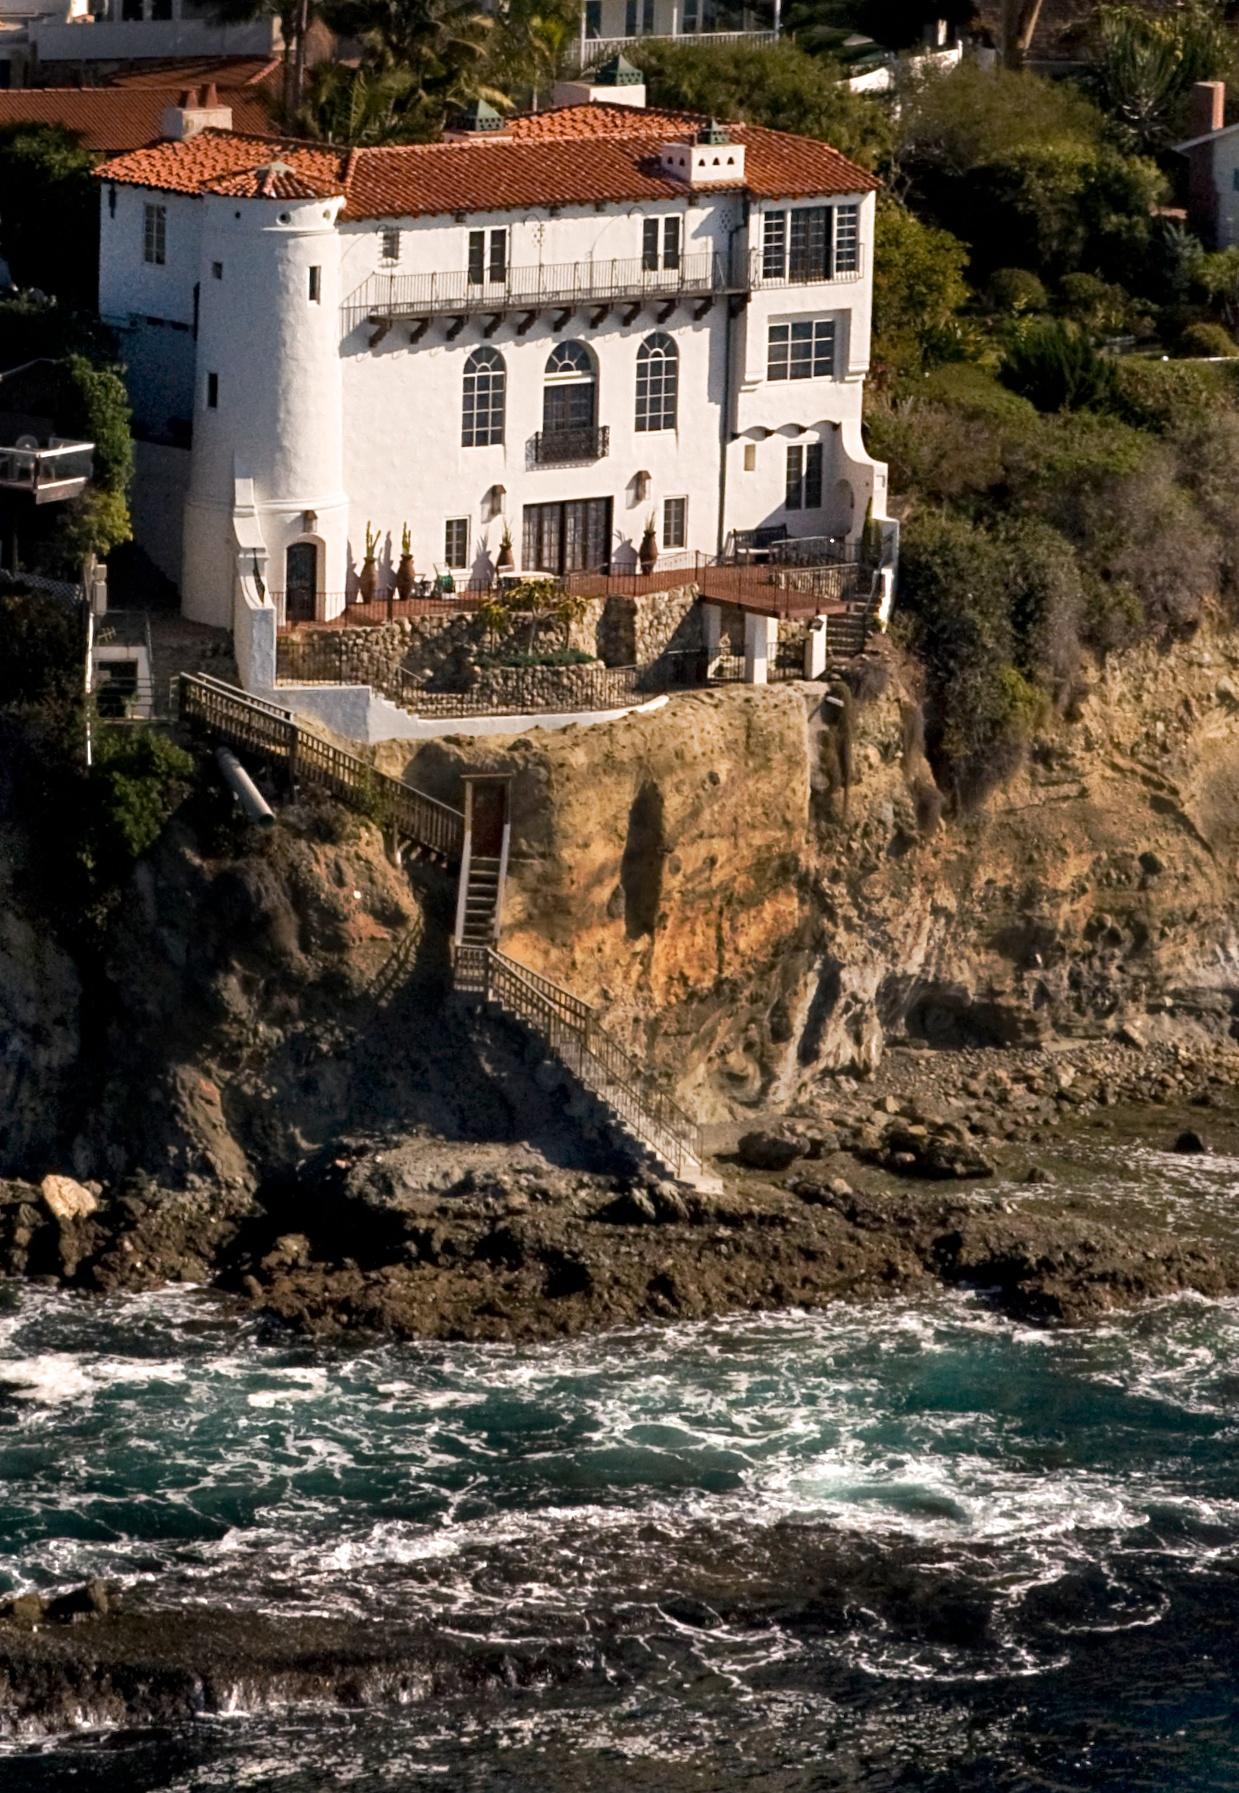 House_on_beach.jpg